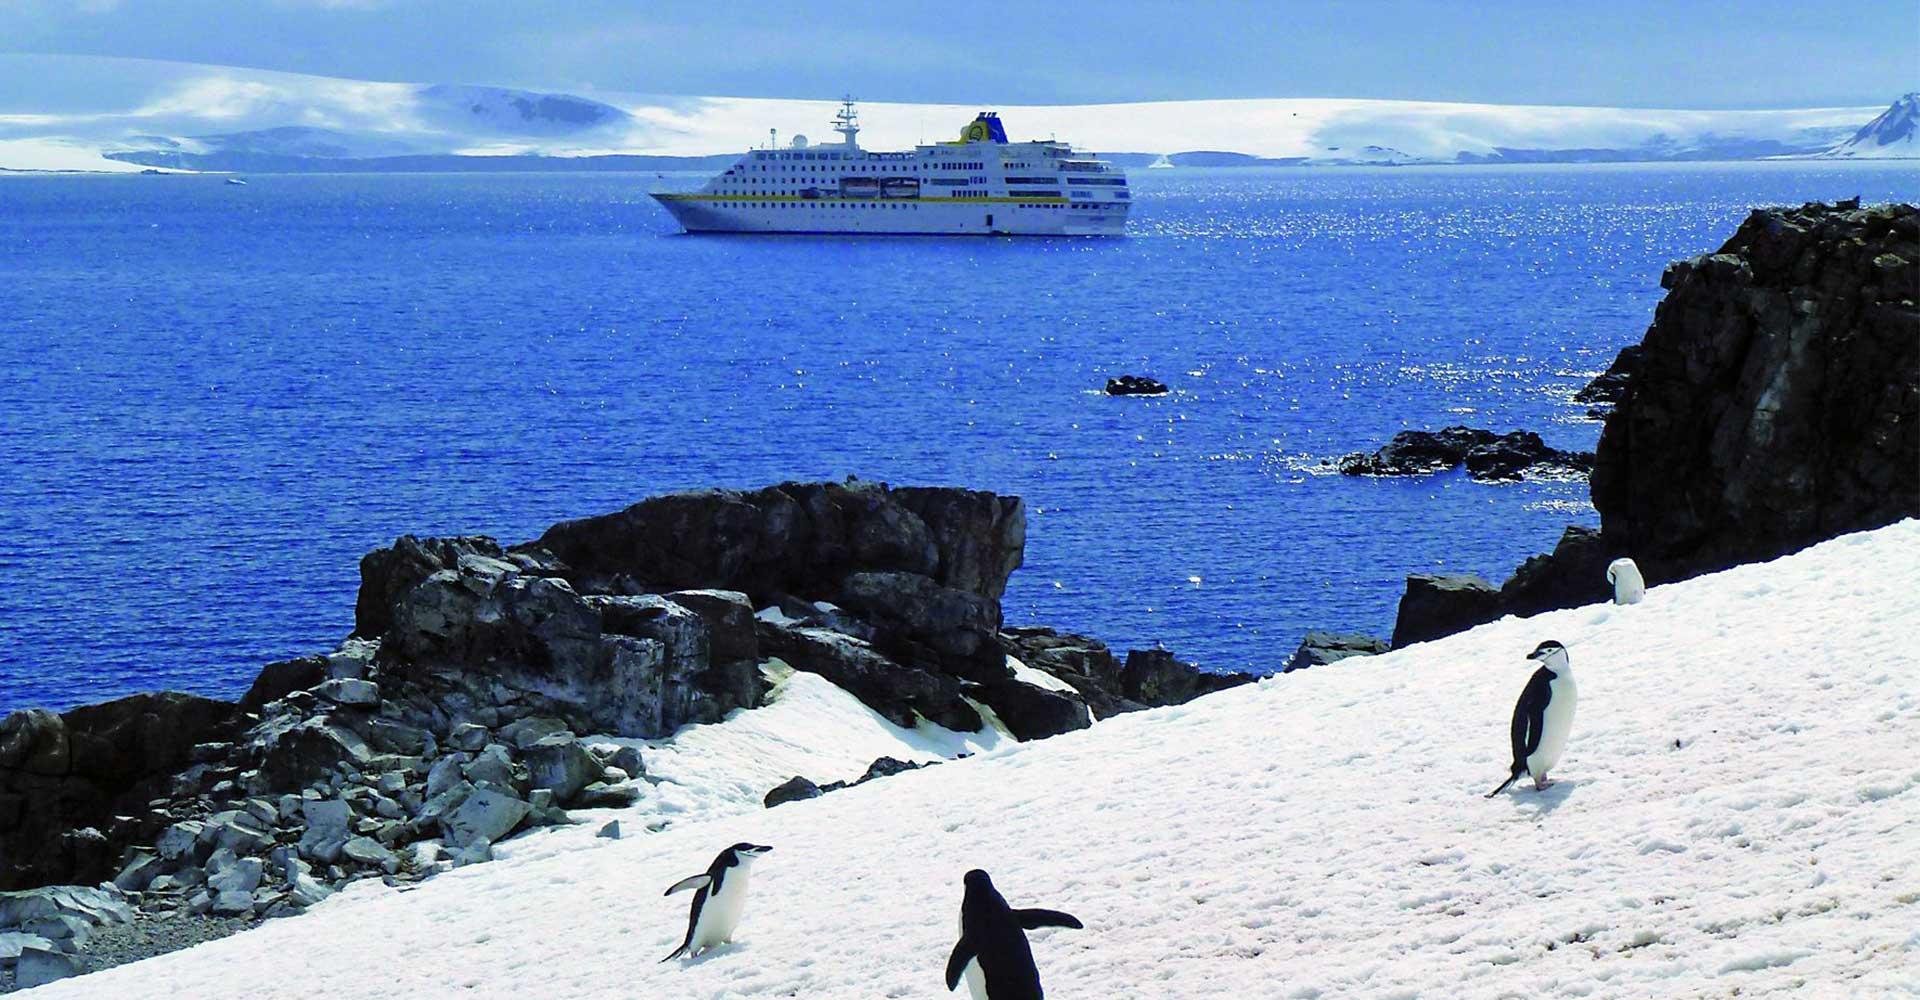 Die Pinguine in der Antarktis staunen über die MS HAMBURG. © PLANTOURS Kreuzfahrten / Maike Tonding